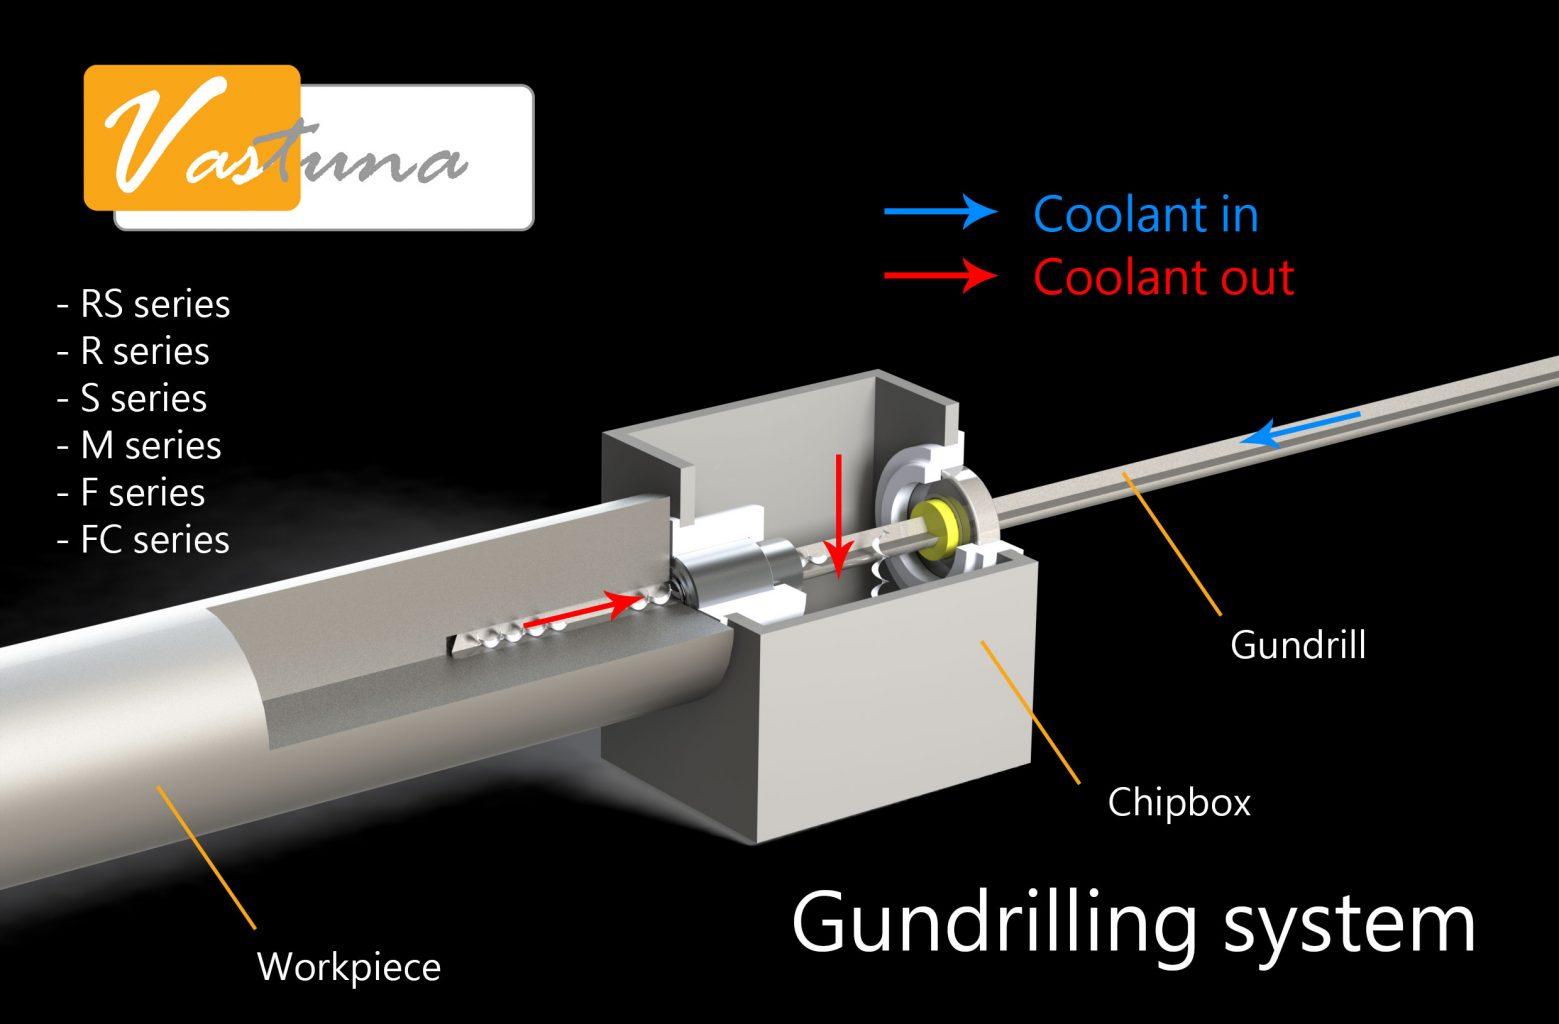 gundrilling system